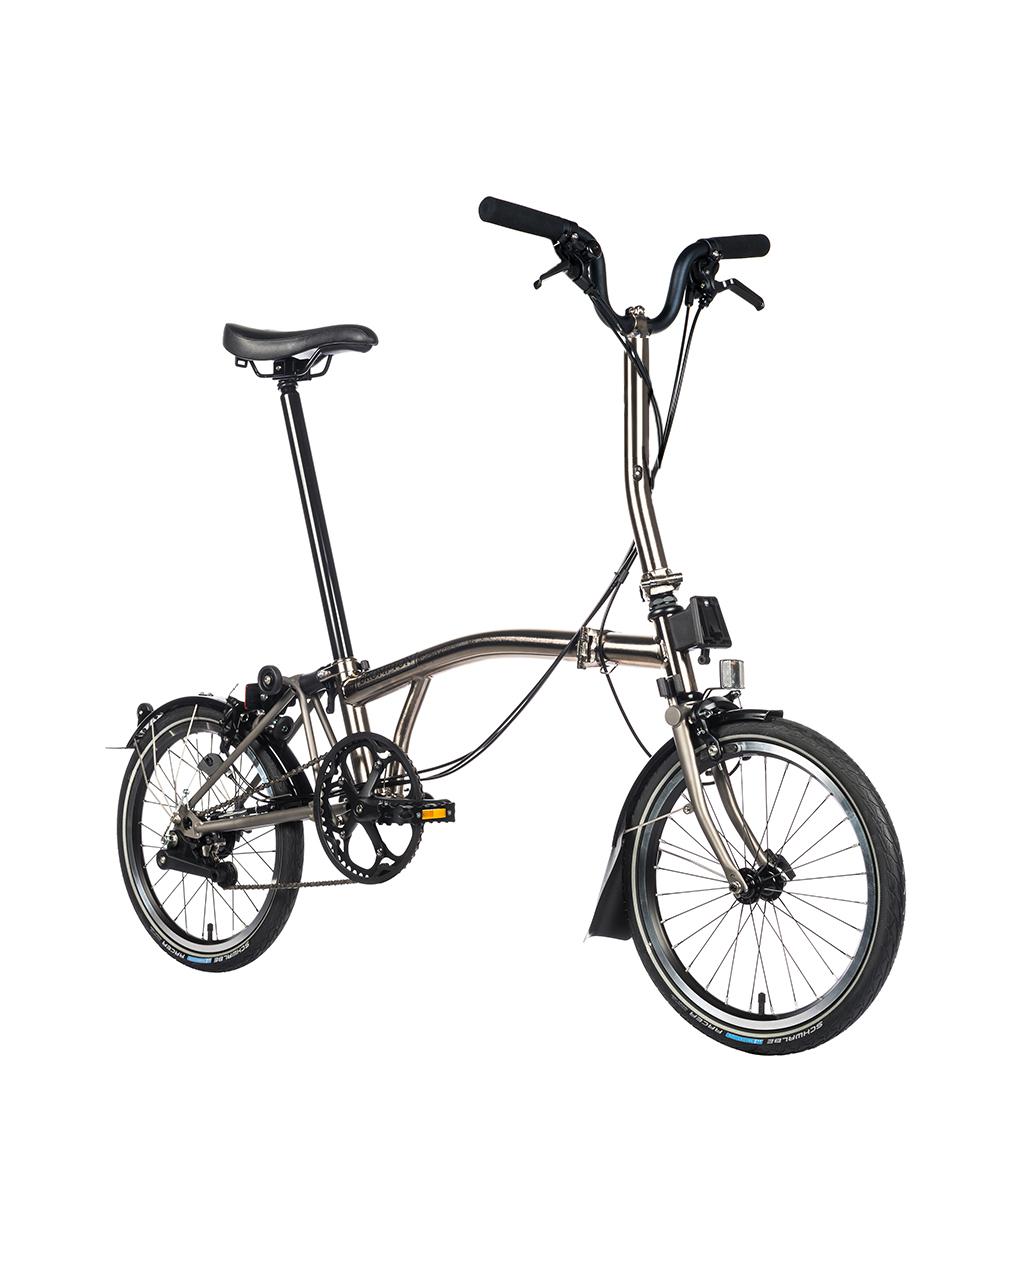 Bicicleta pliabila Brompton H2L/Ni/Ti Nickel Edition 2018